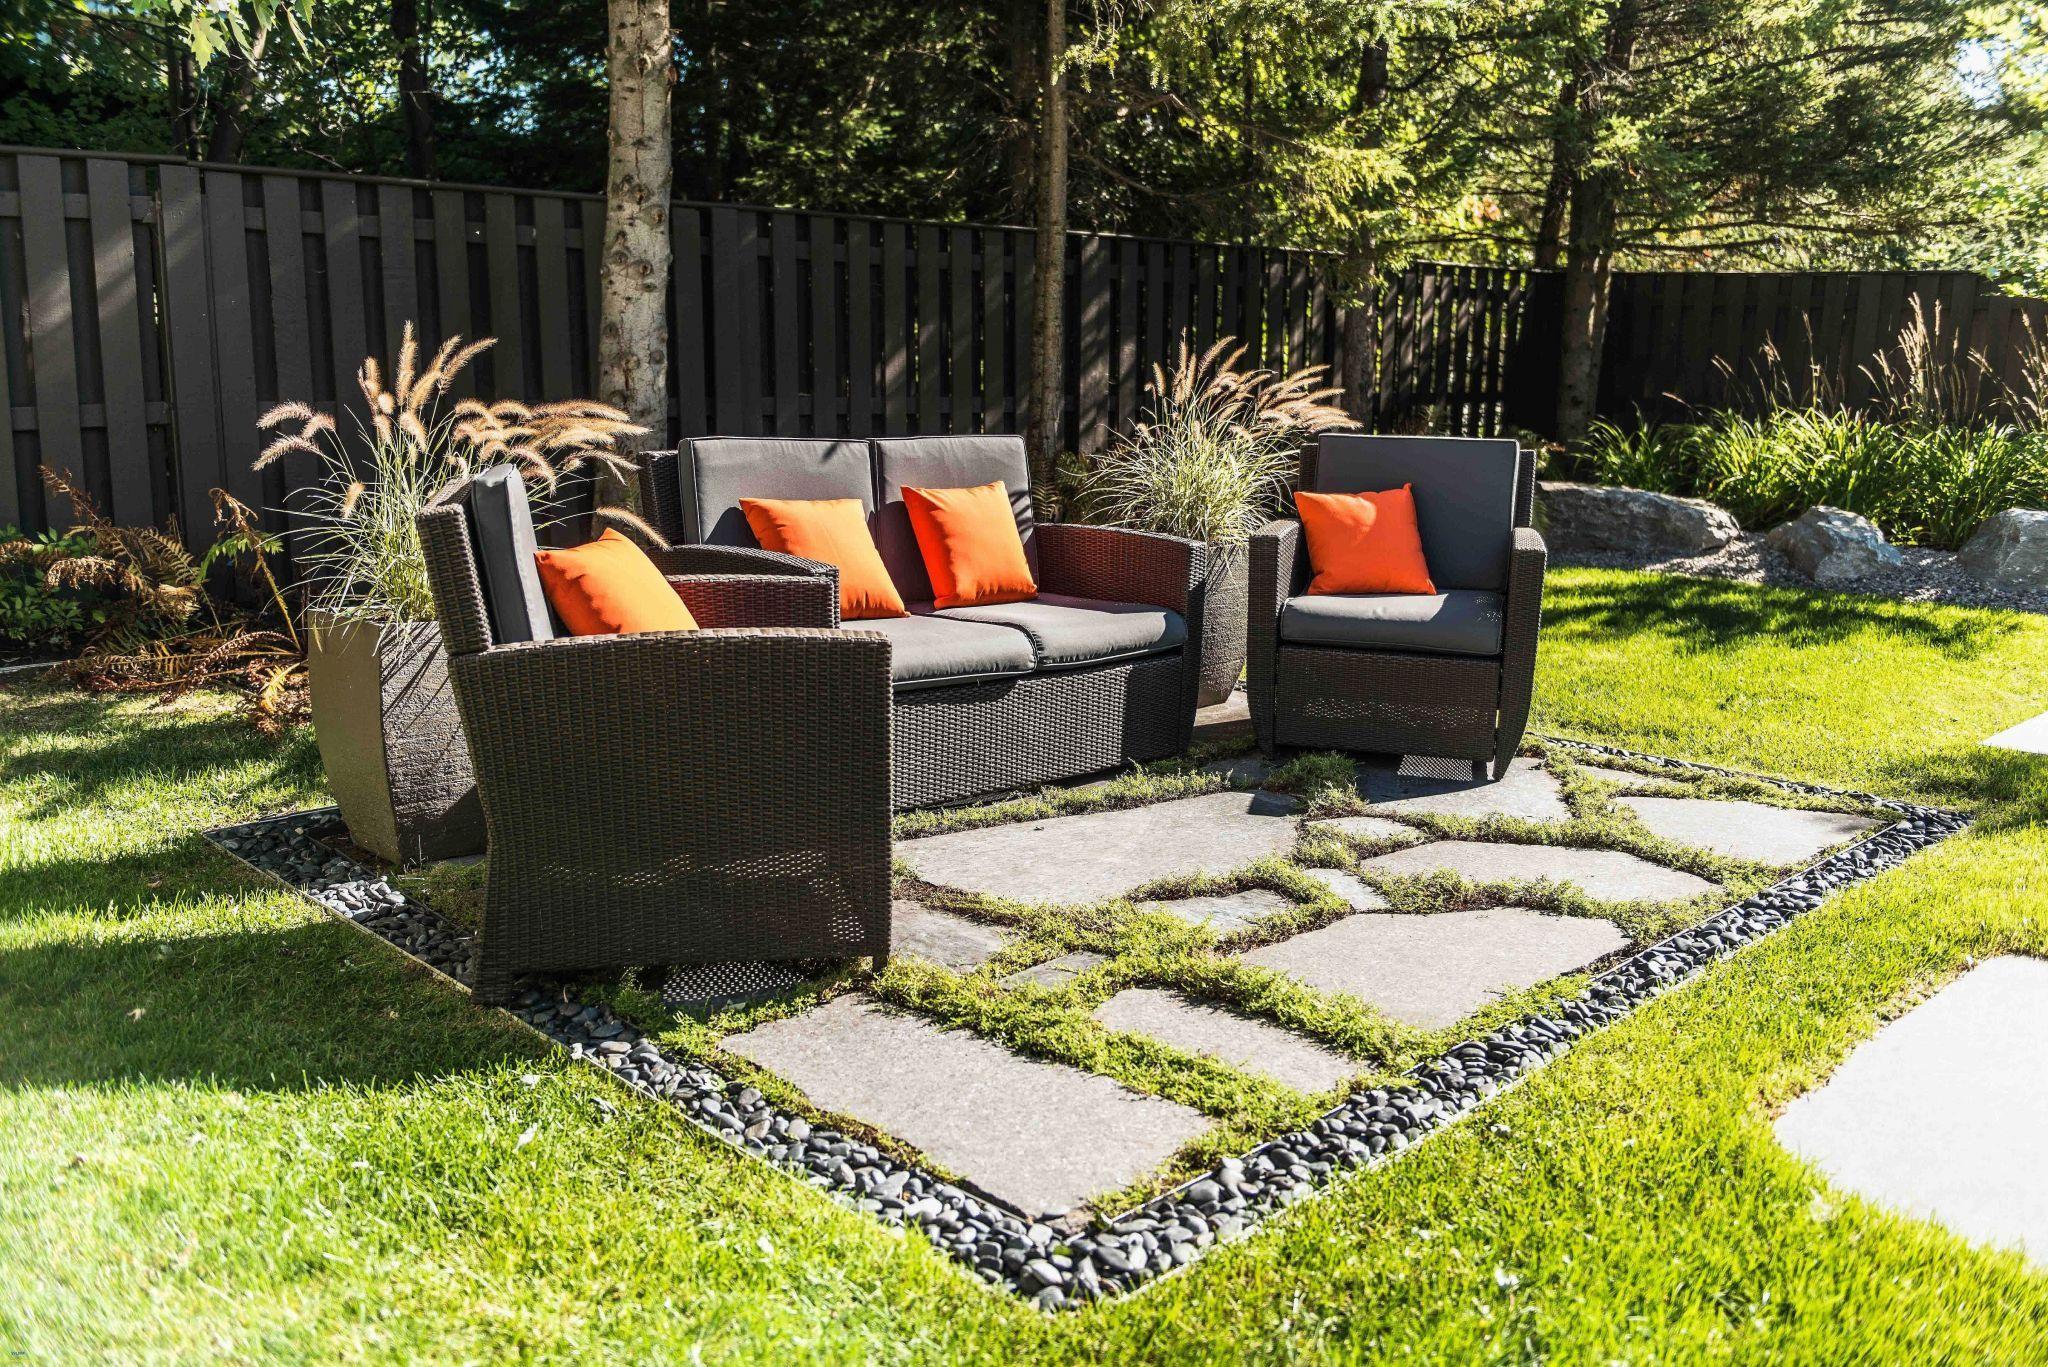 Amenagement Salon De Jardin Best Of Amenagement Jardin S Beautiful Amenagement Exterieur Pas